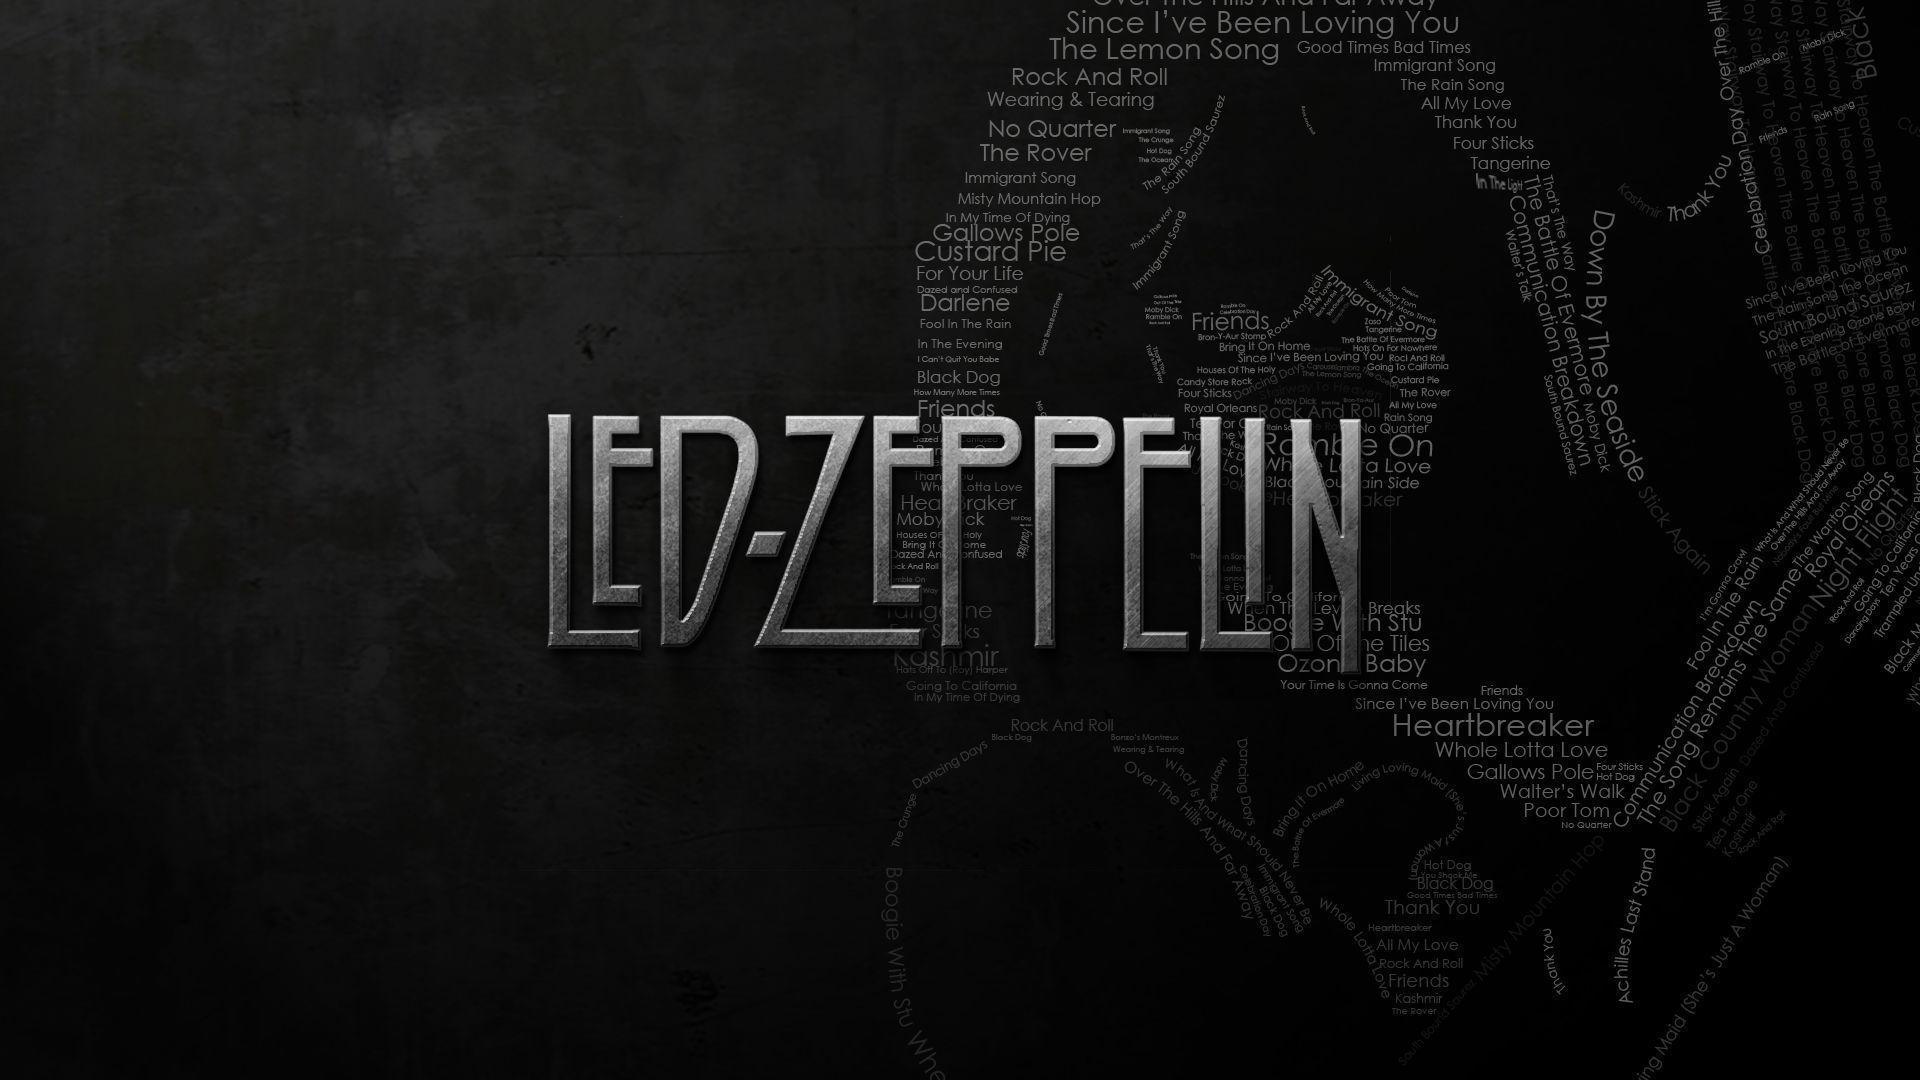 led zeppelin wallpaper - photo #16